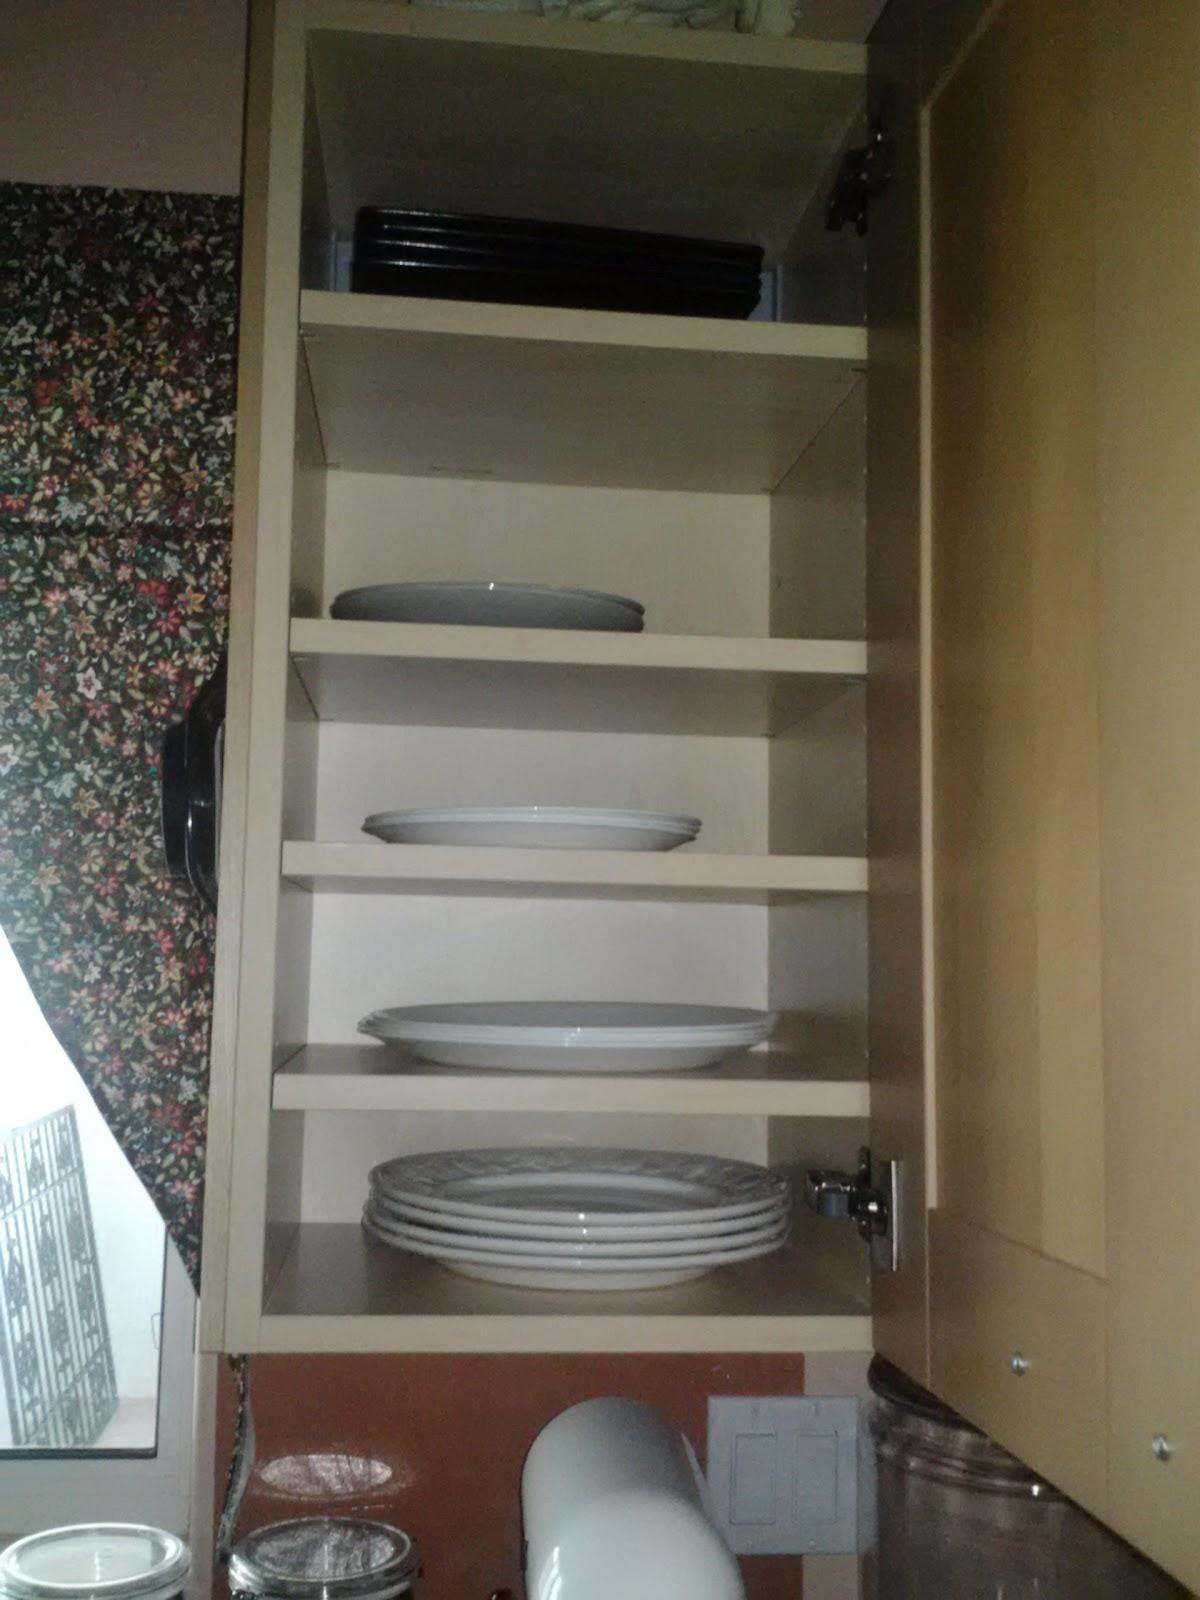 Kitchen CabiAdjustable Shelves